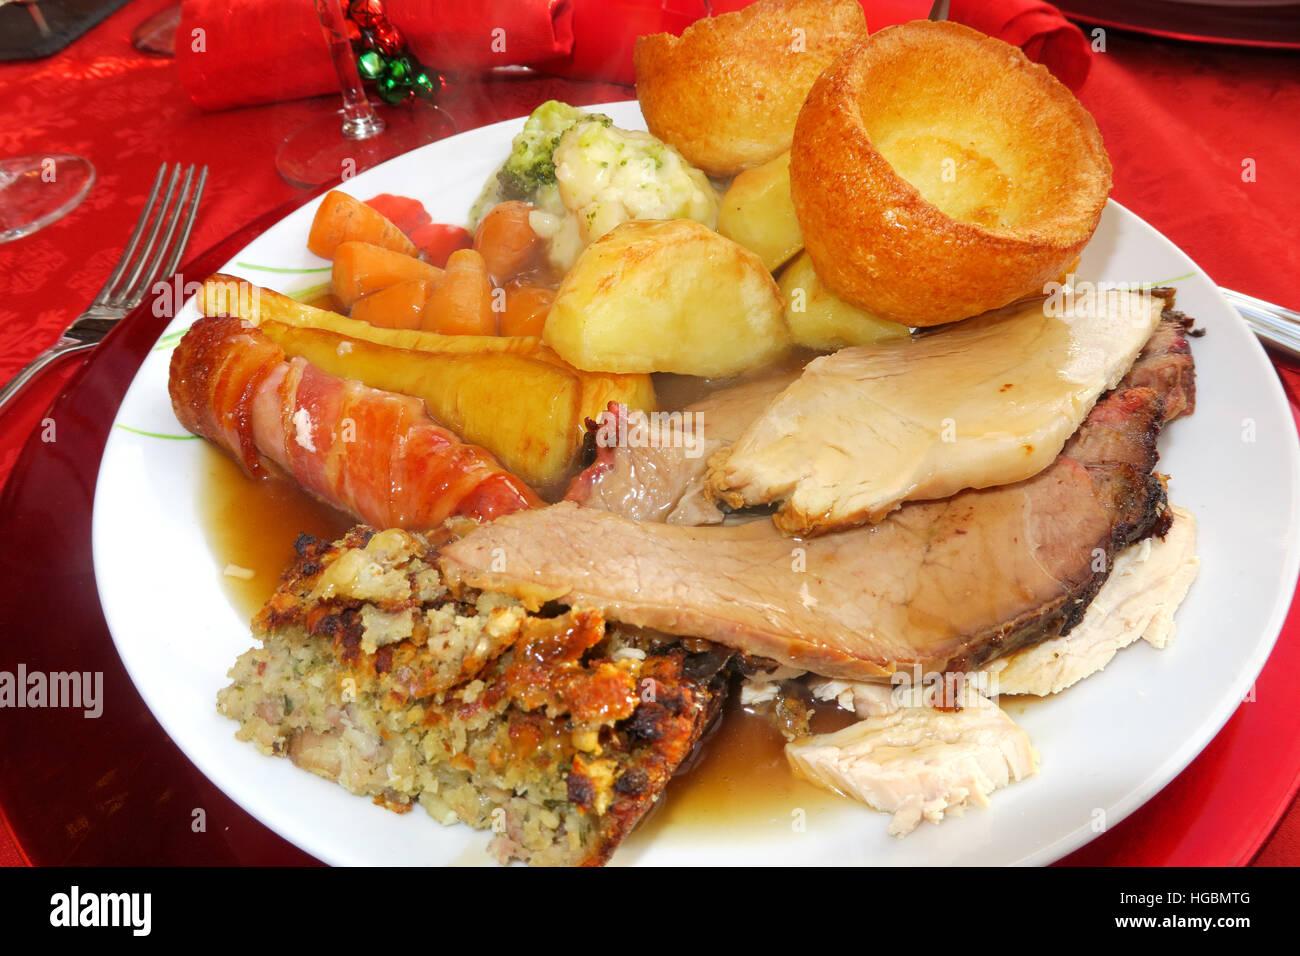 Weihnachtsessen Fleisch.Ein Weihnachtsessen Braten Komplett Mit Fleisch Bratkartoffeln Und